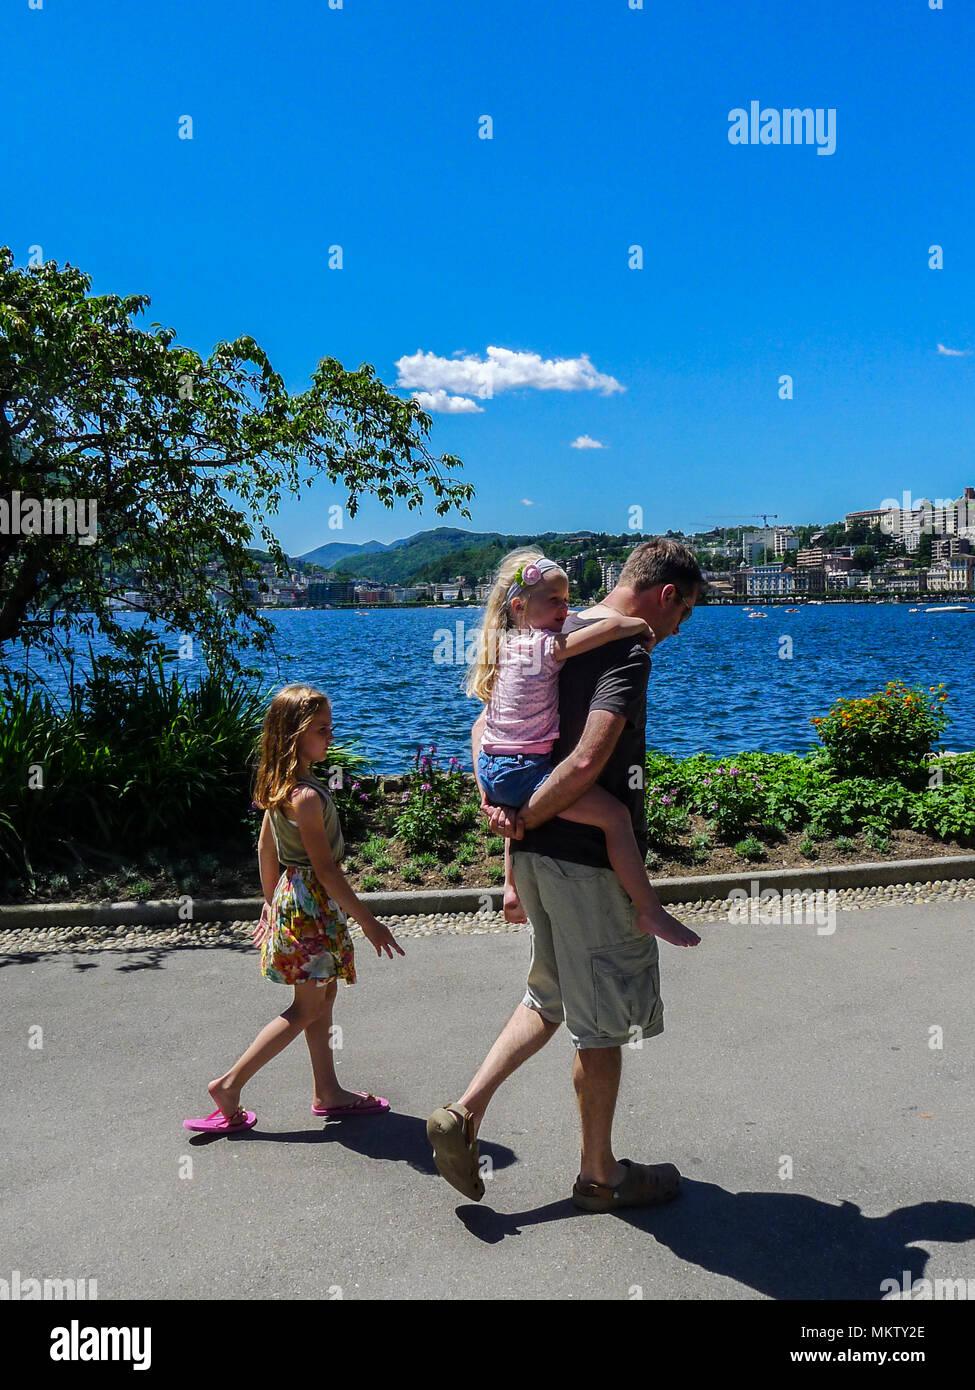 Padre figlia papà bambino ragazza kid piggyback piggy back estati soleggiate giorno, la vita della famiglia di Lugano, Svizzera padri giorno concetto affiatamento di connessione Immagini Stock